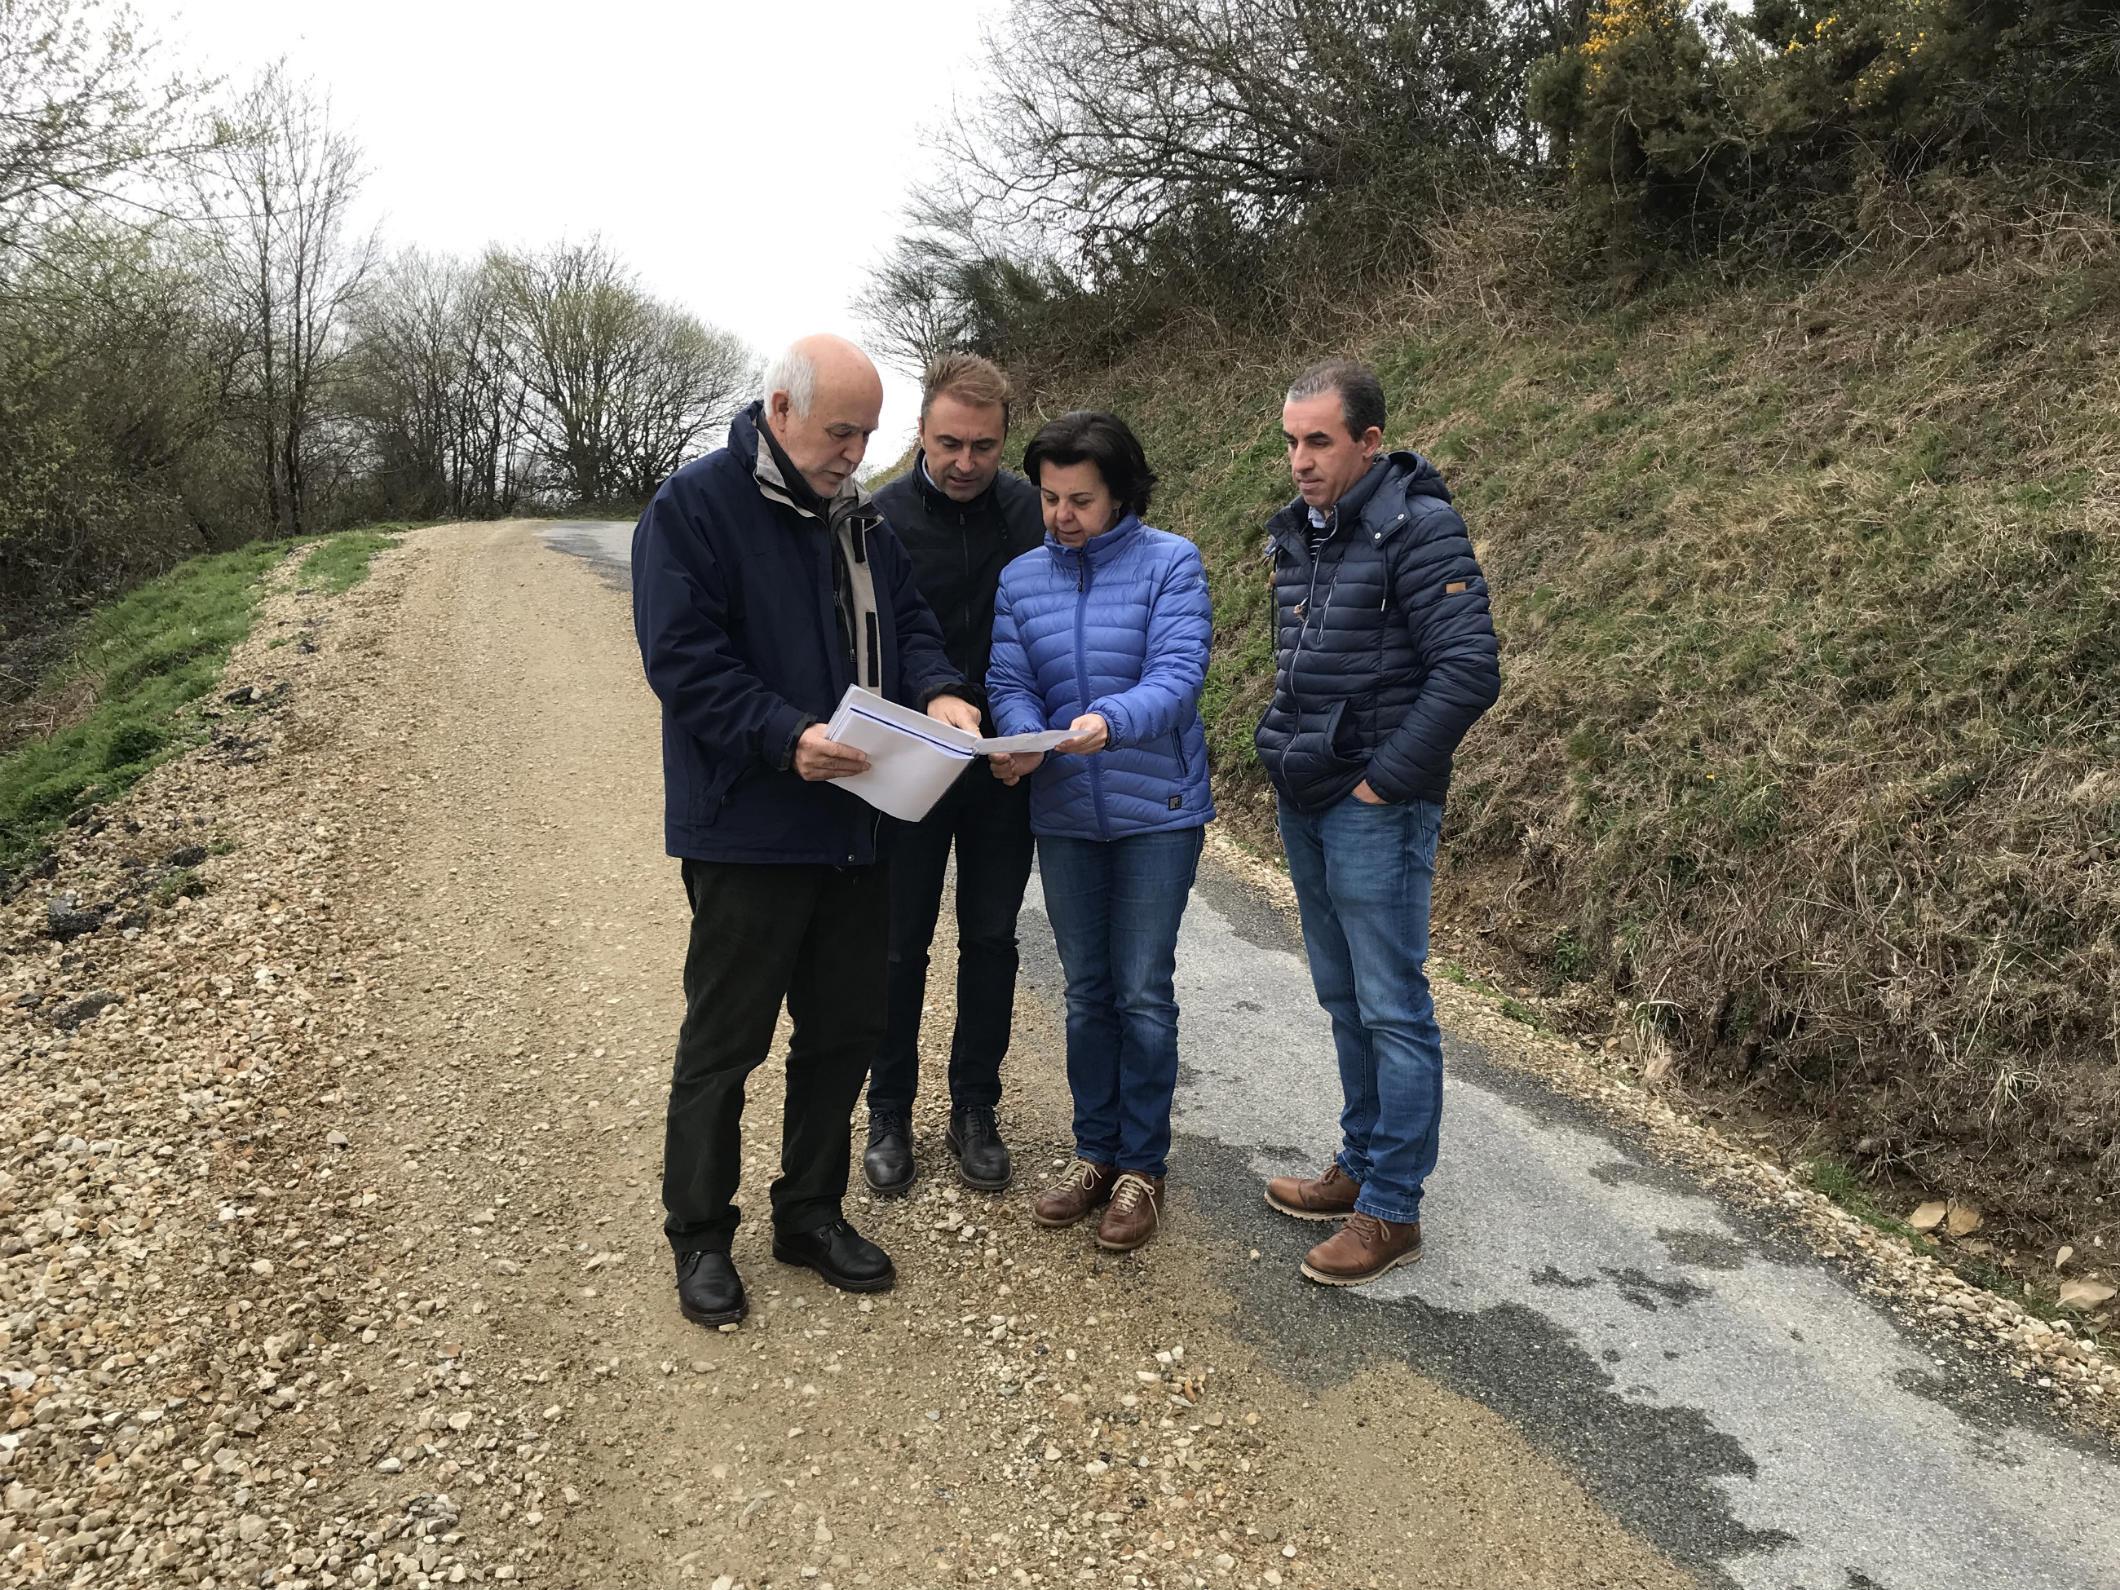 Desarrollo Rural invierte 177.000 euros en la mejora de accesos a Toleiras y Batribán (Villanueva de Oscos)